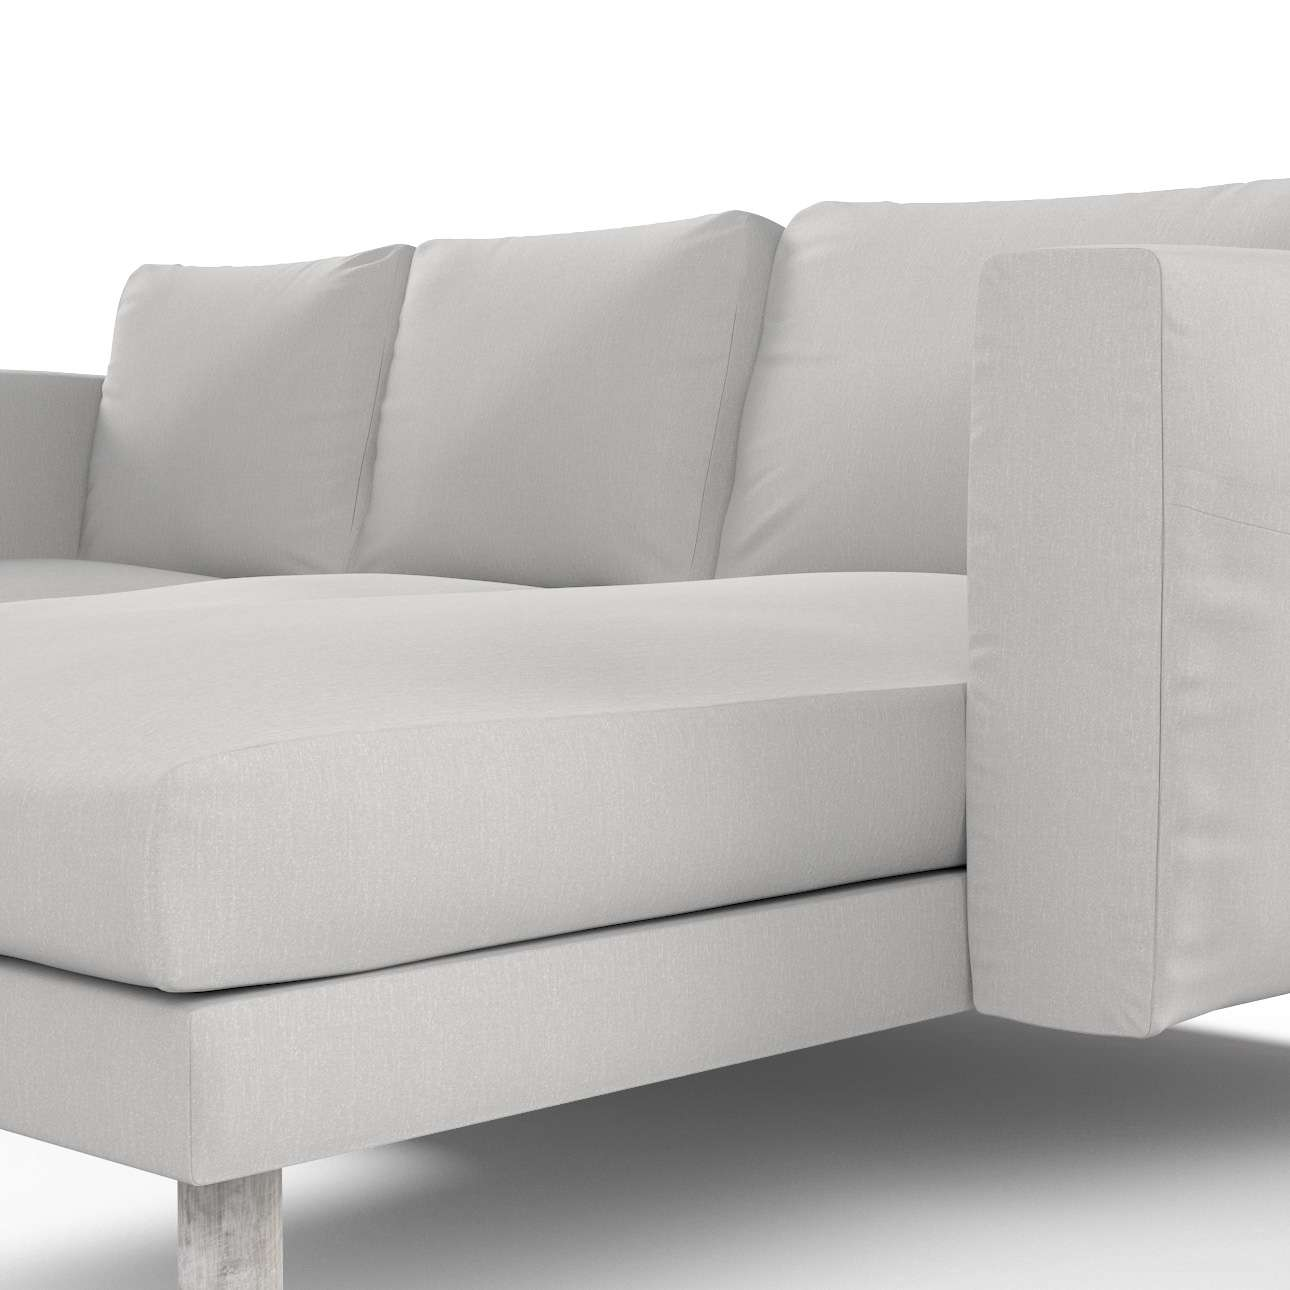 Pokrowiec na sofę Norsborg 3-osobową z szezlongiem w kolekcji Chenille, tkanina: 702-23